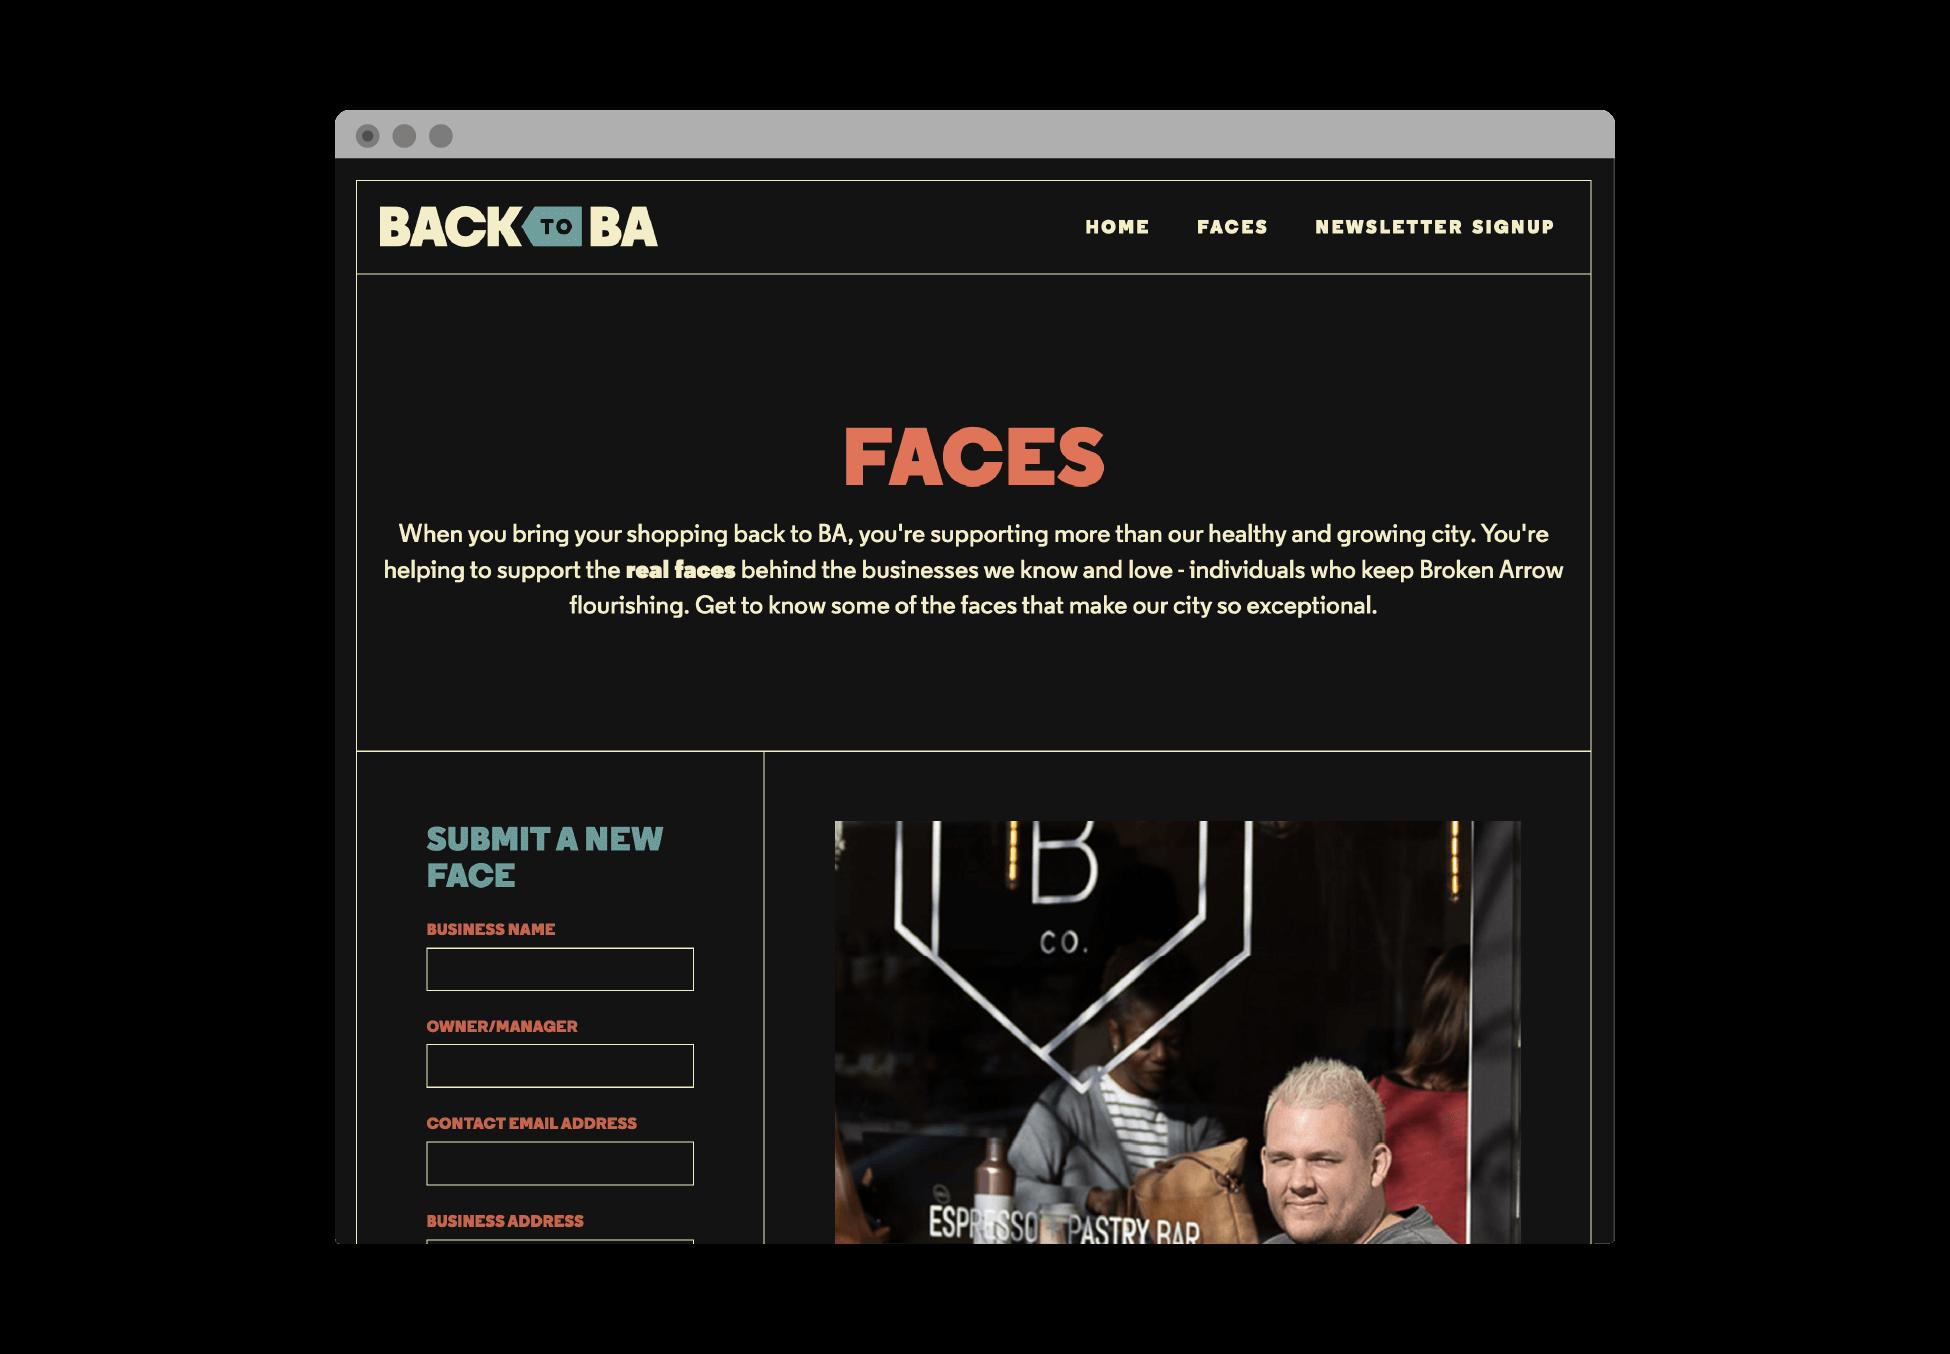 backtoba.com/